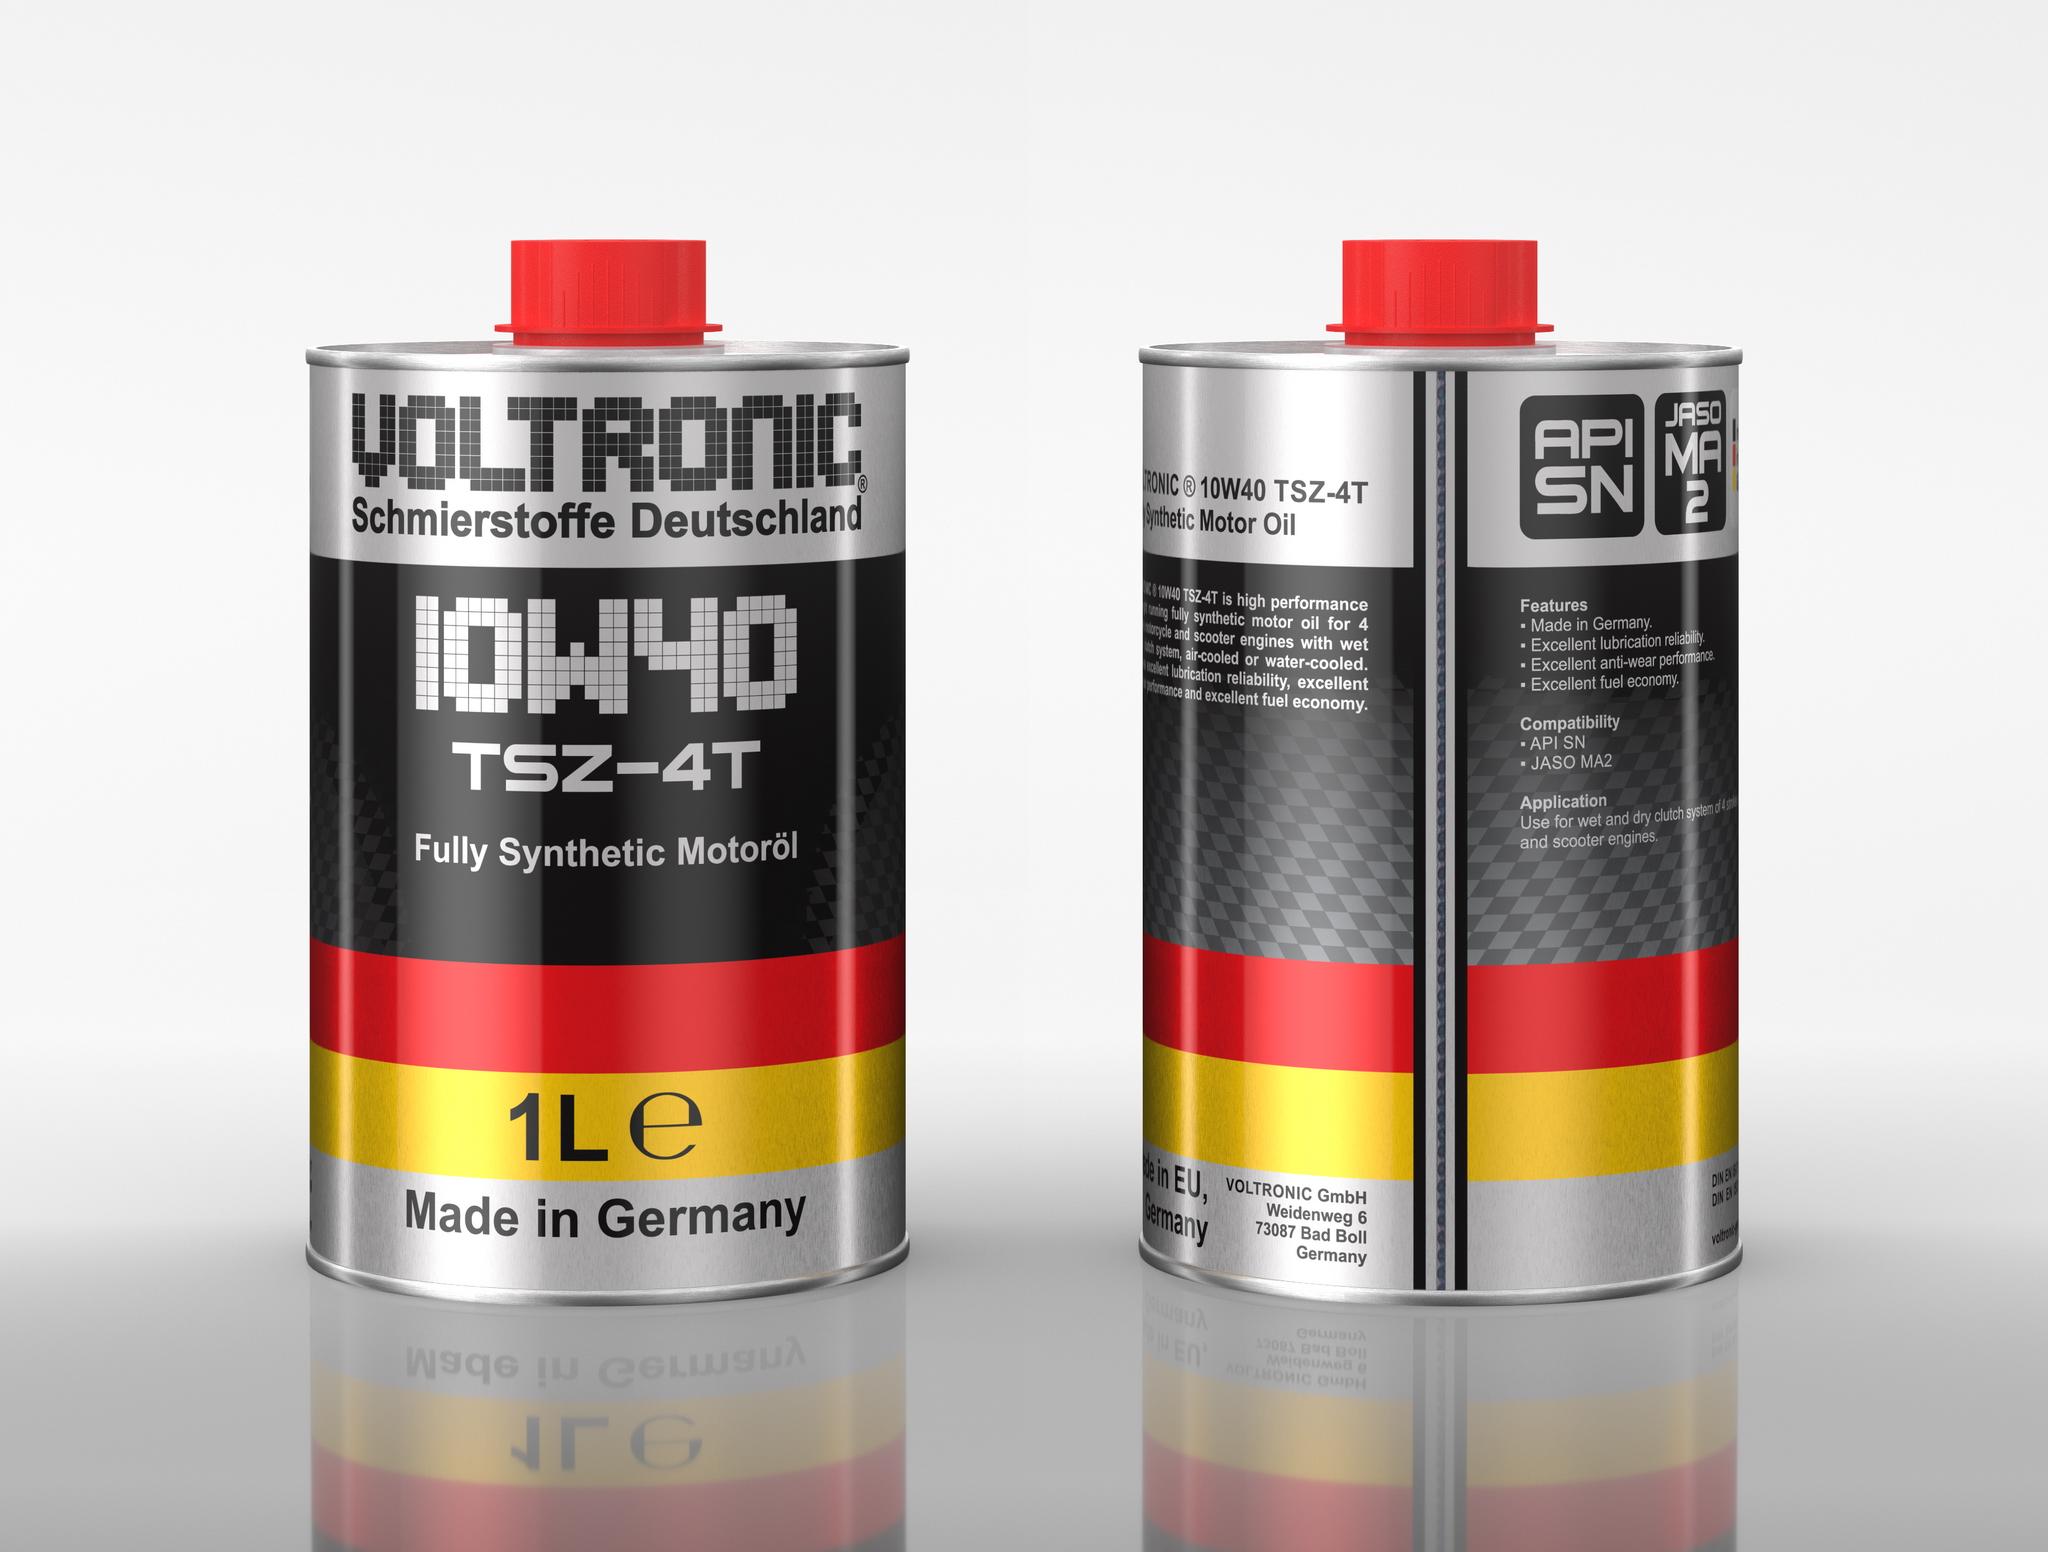 voltronic 10w40 tsz-4t